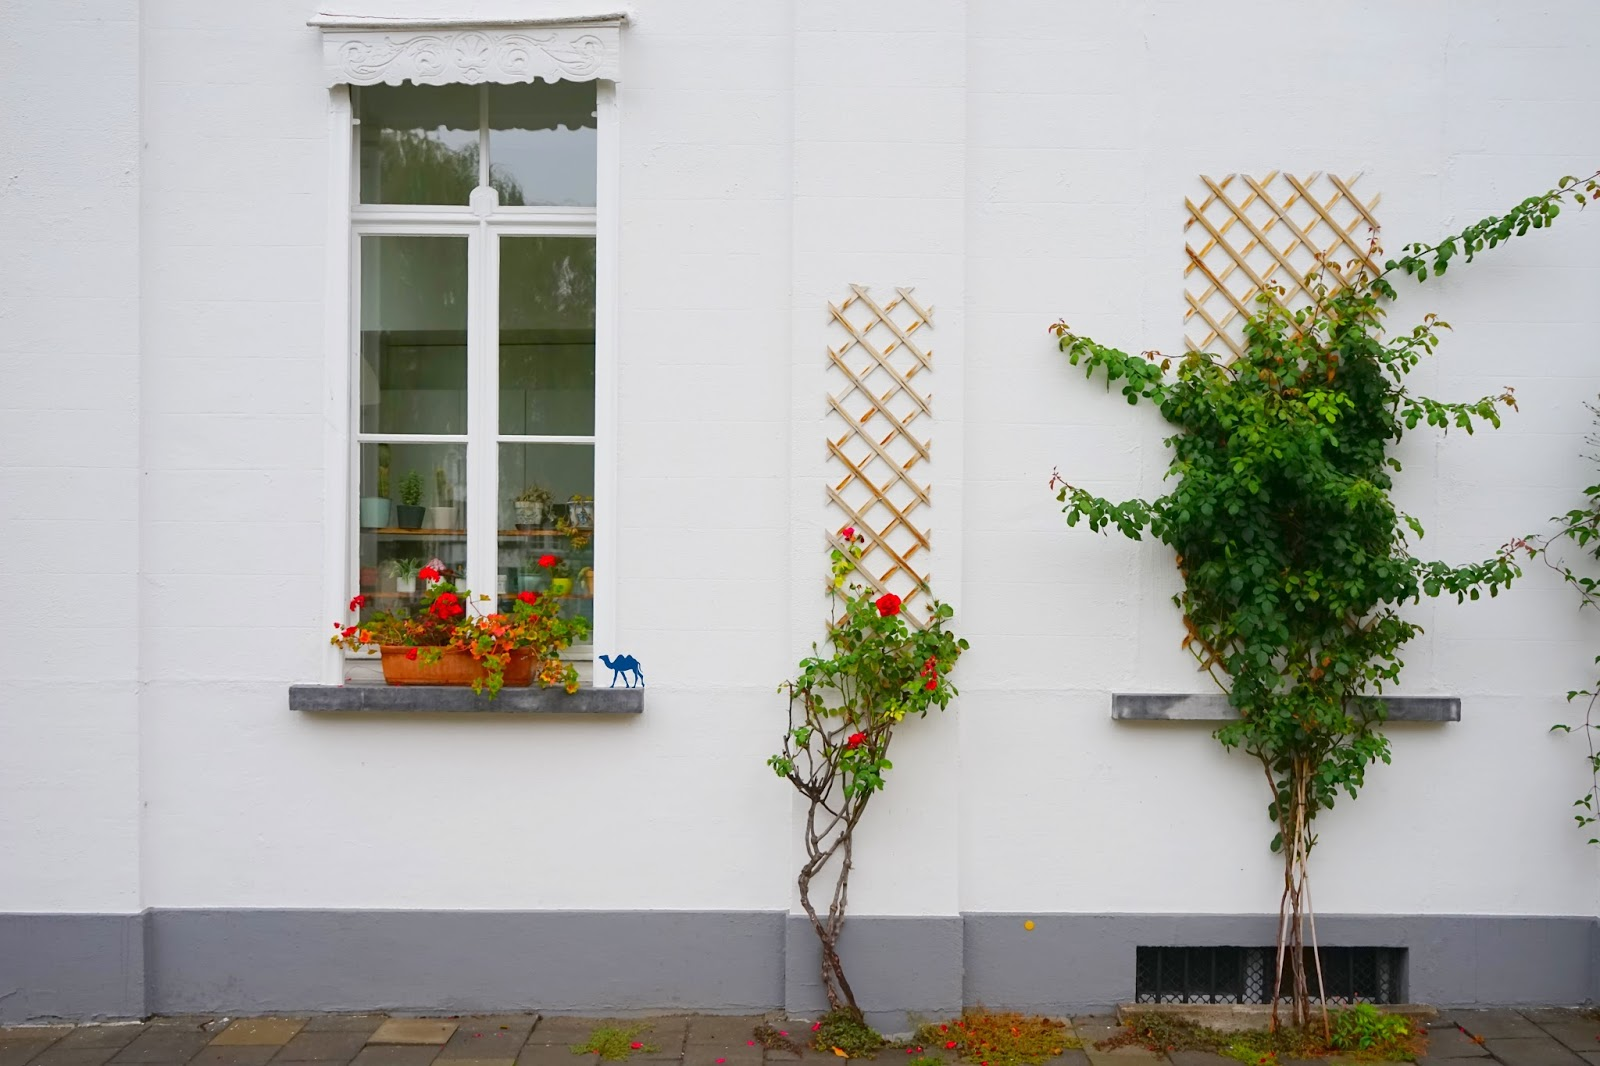 Le Chameau Bleu  -Blog Voyage Gand Belgique - Gand Tourisme -  Mur de Gand Belgique Charme de la ville de Gand